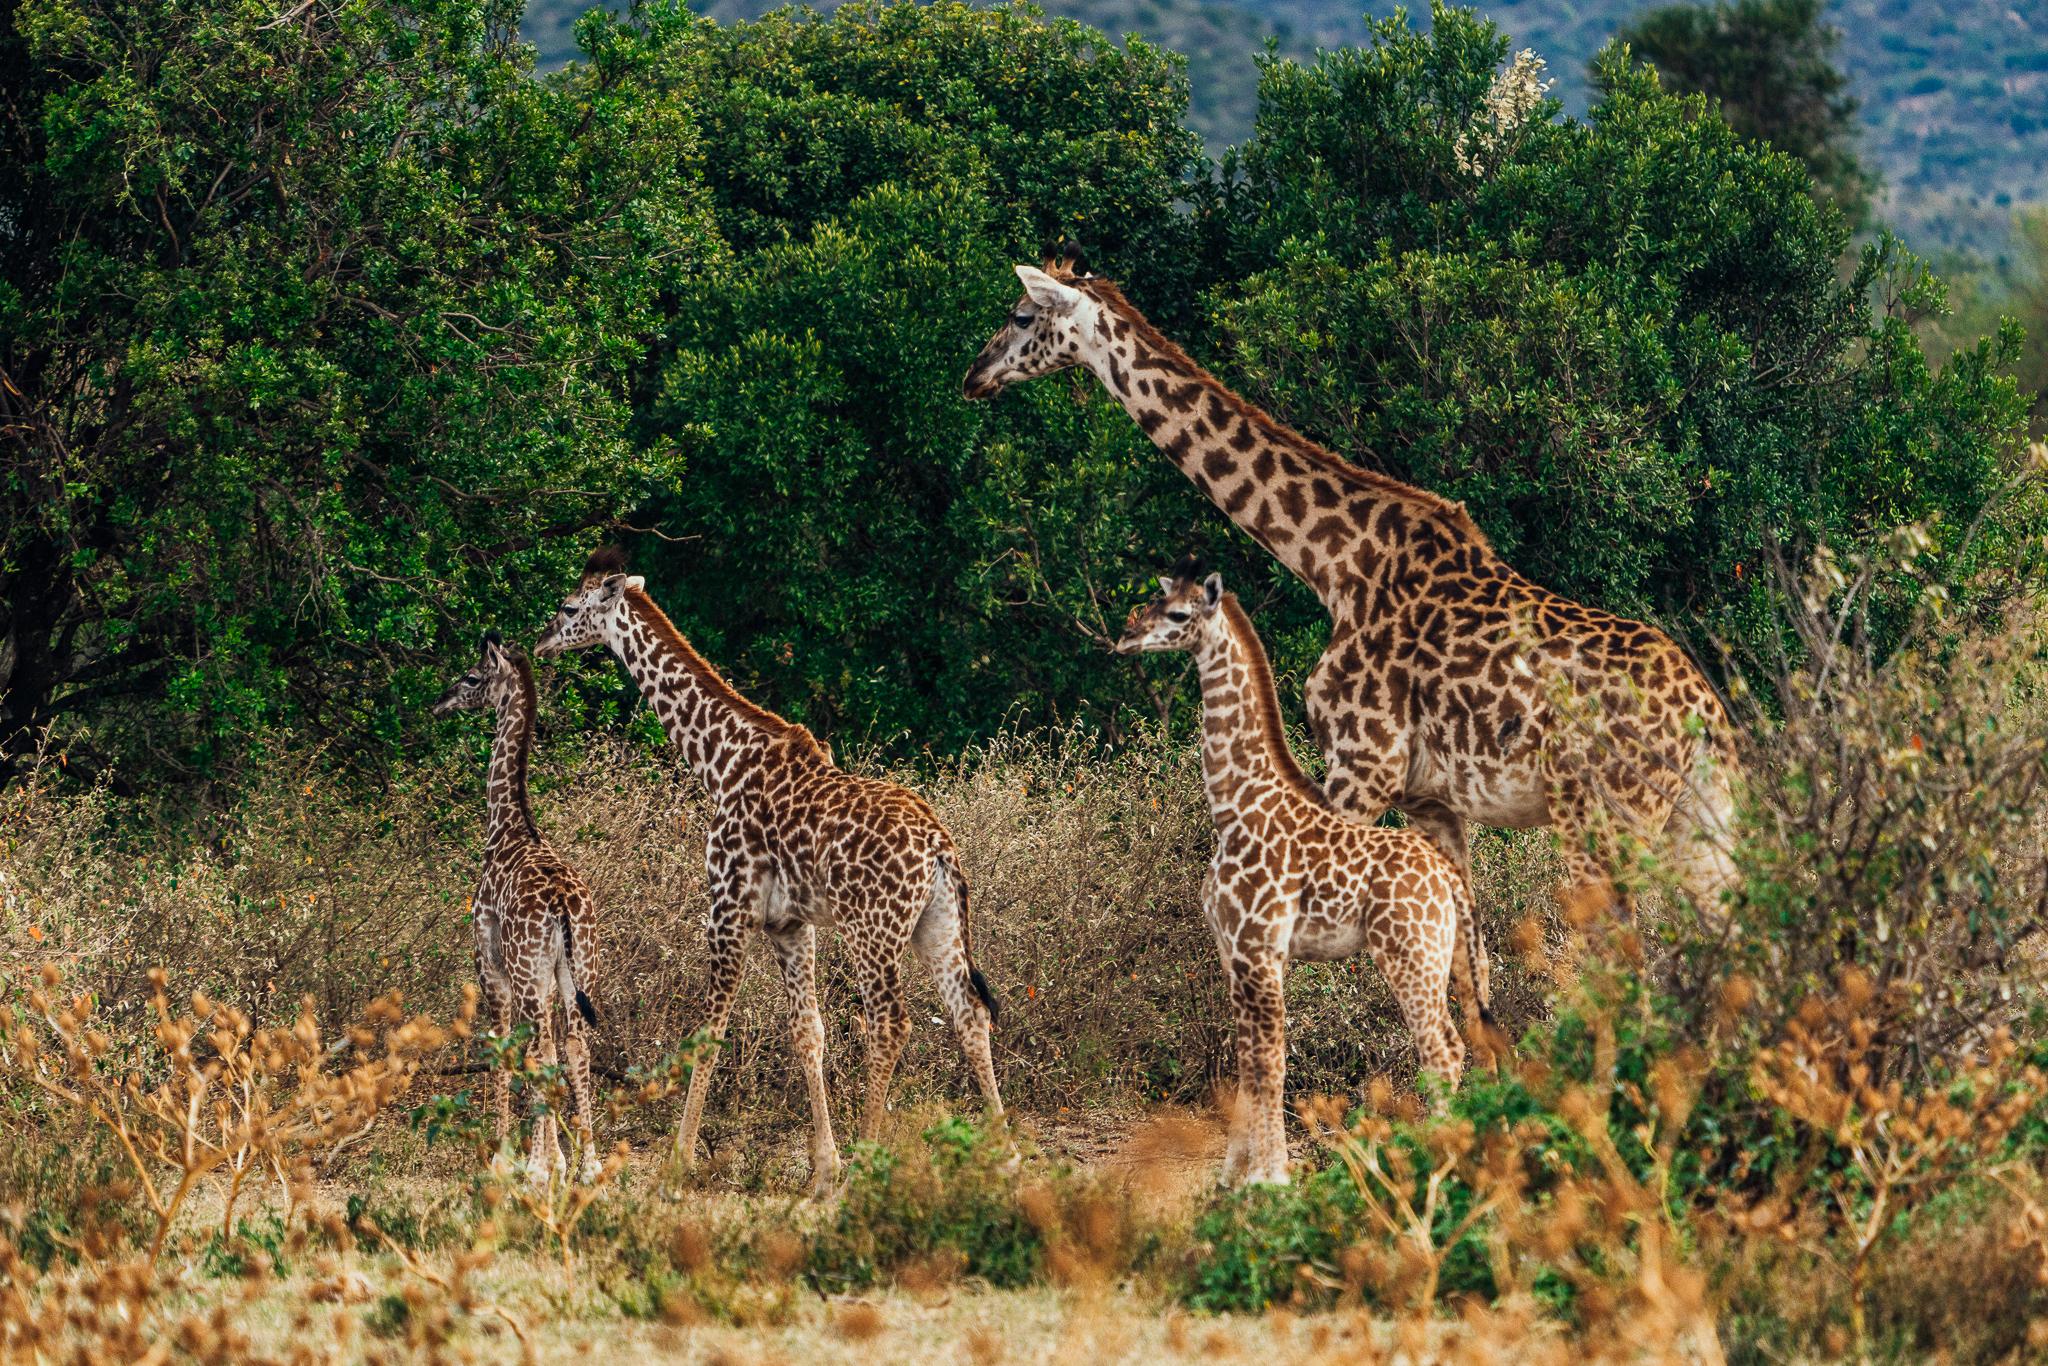 Giraffe family in Maasai Mara Kenya on Safari Ph. Dave Krugman